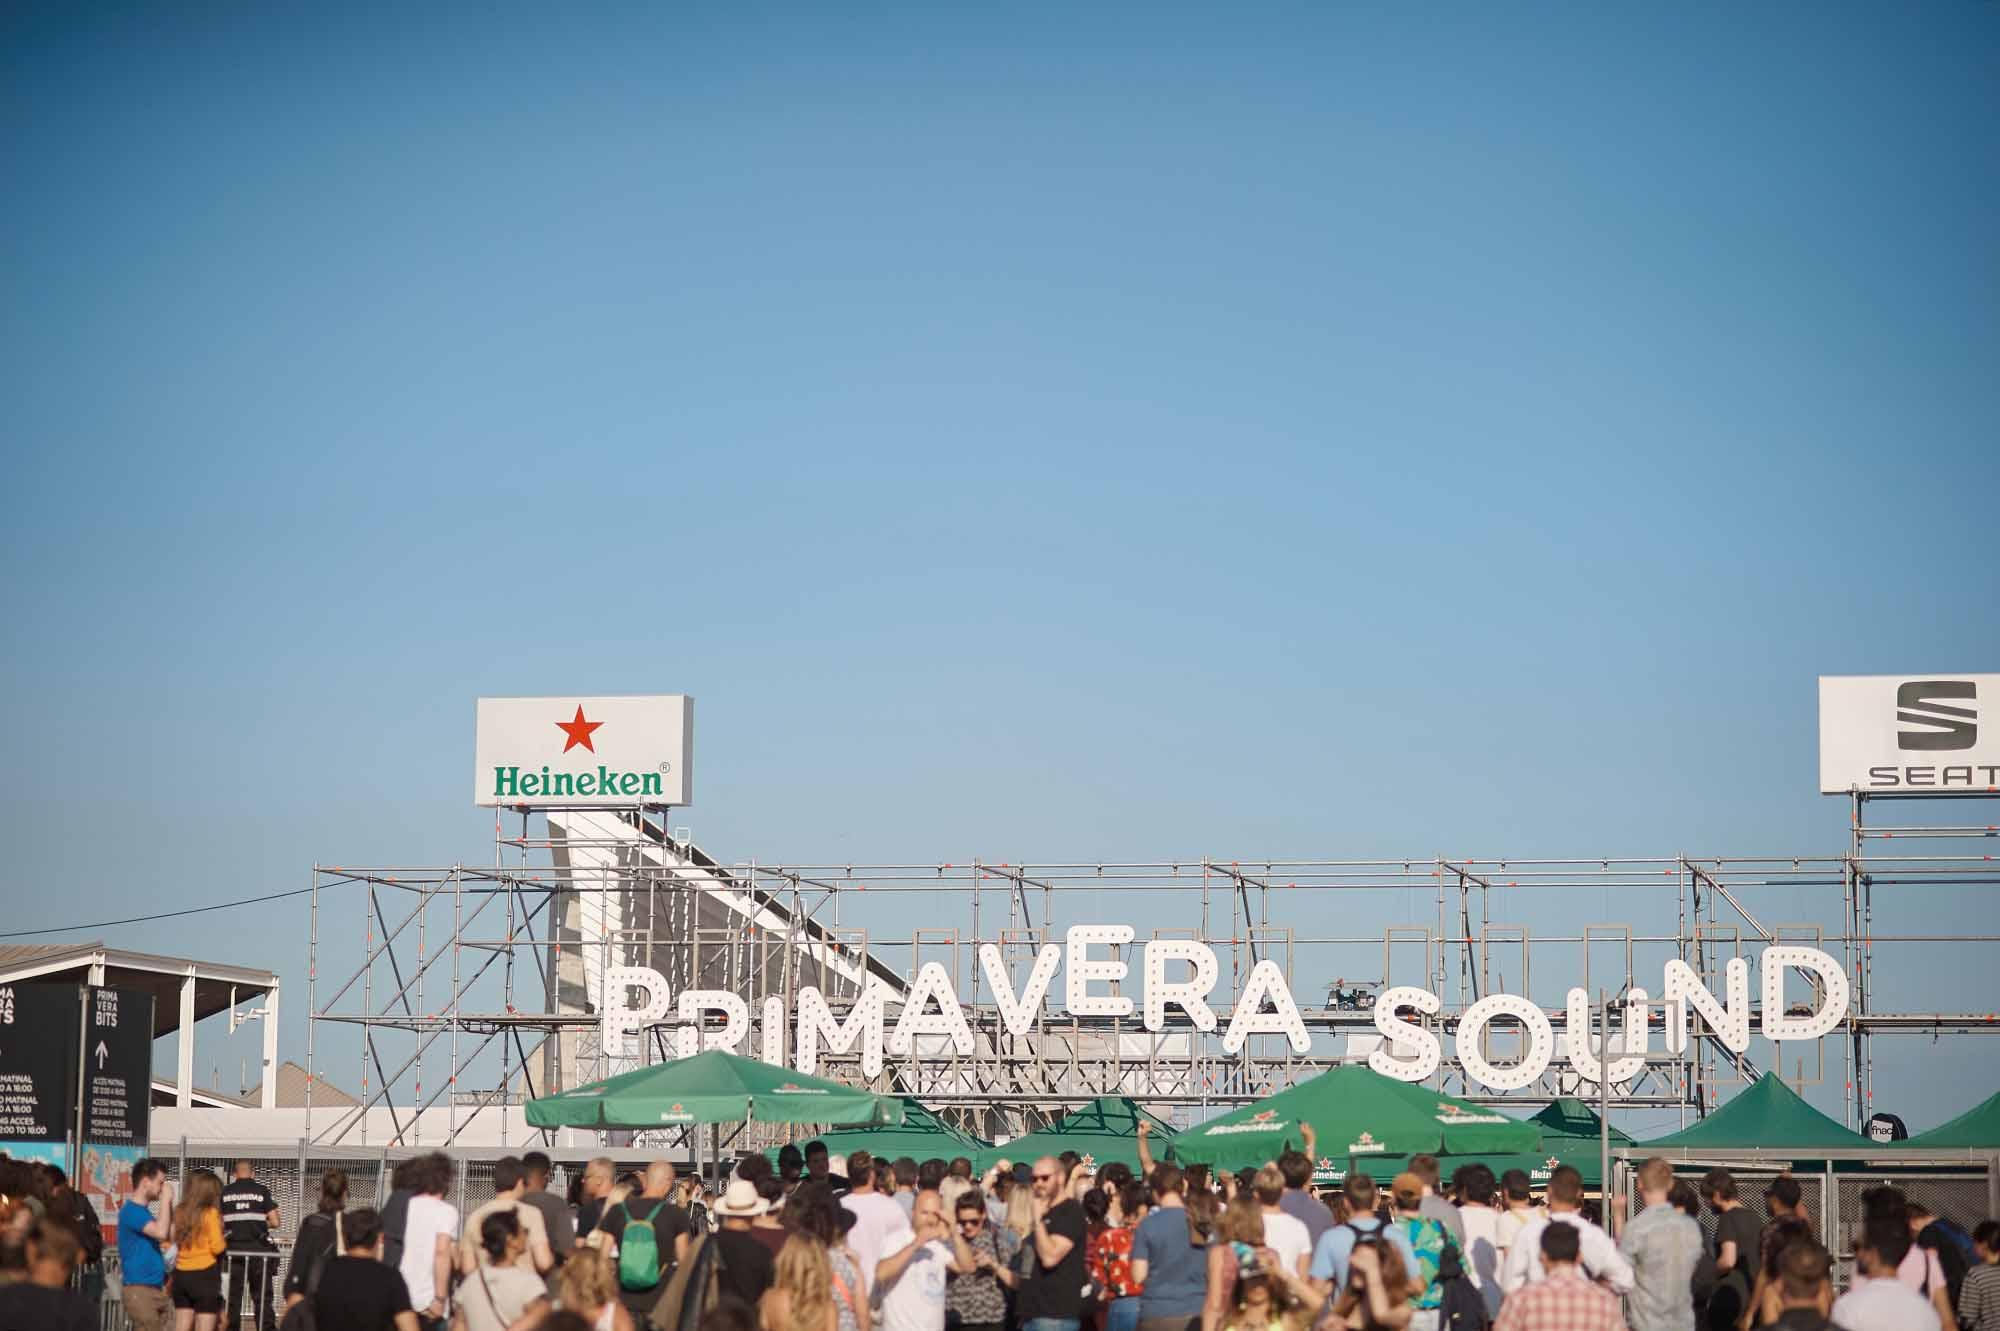 Il Primavera Sound nasce a Barcellona nel 2001 dove anche quest'anno si svolgerà dal 30 maggio al 2 giugno 2019. Ma sono già da un po' di anni che una versione poco più piccola si tiene in Portogallo a Porto con il nome di Nos Primavera Sound che si terrà dal 6 all'8 giugno 2019.